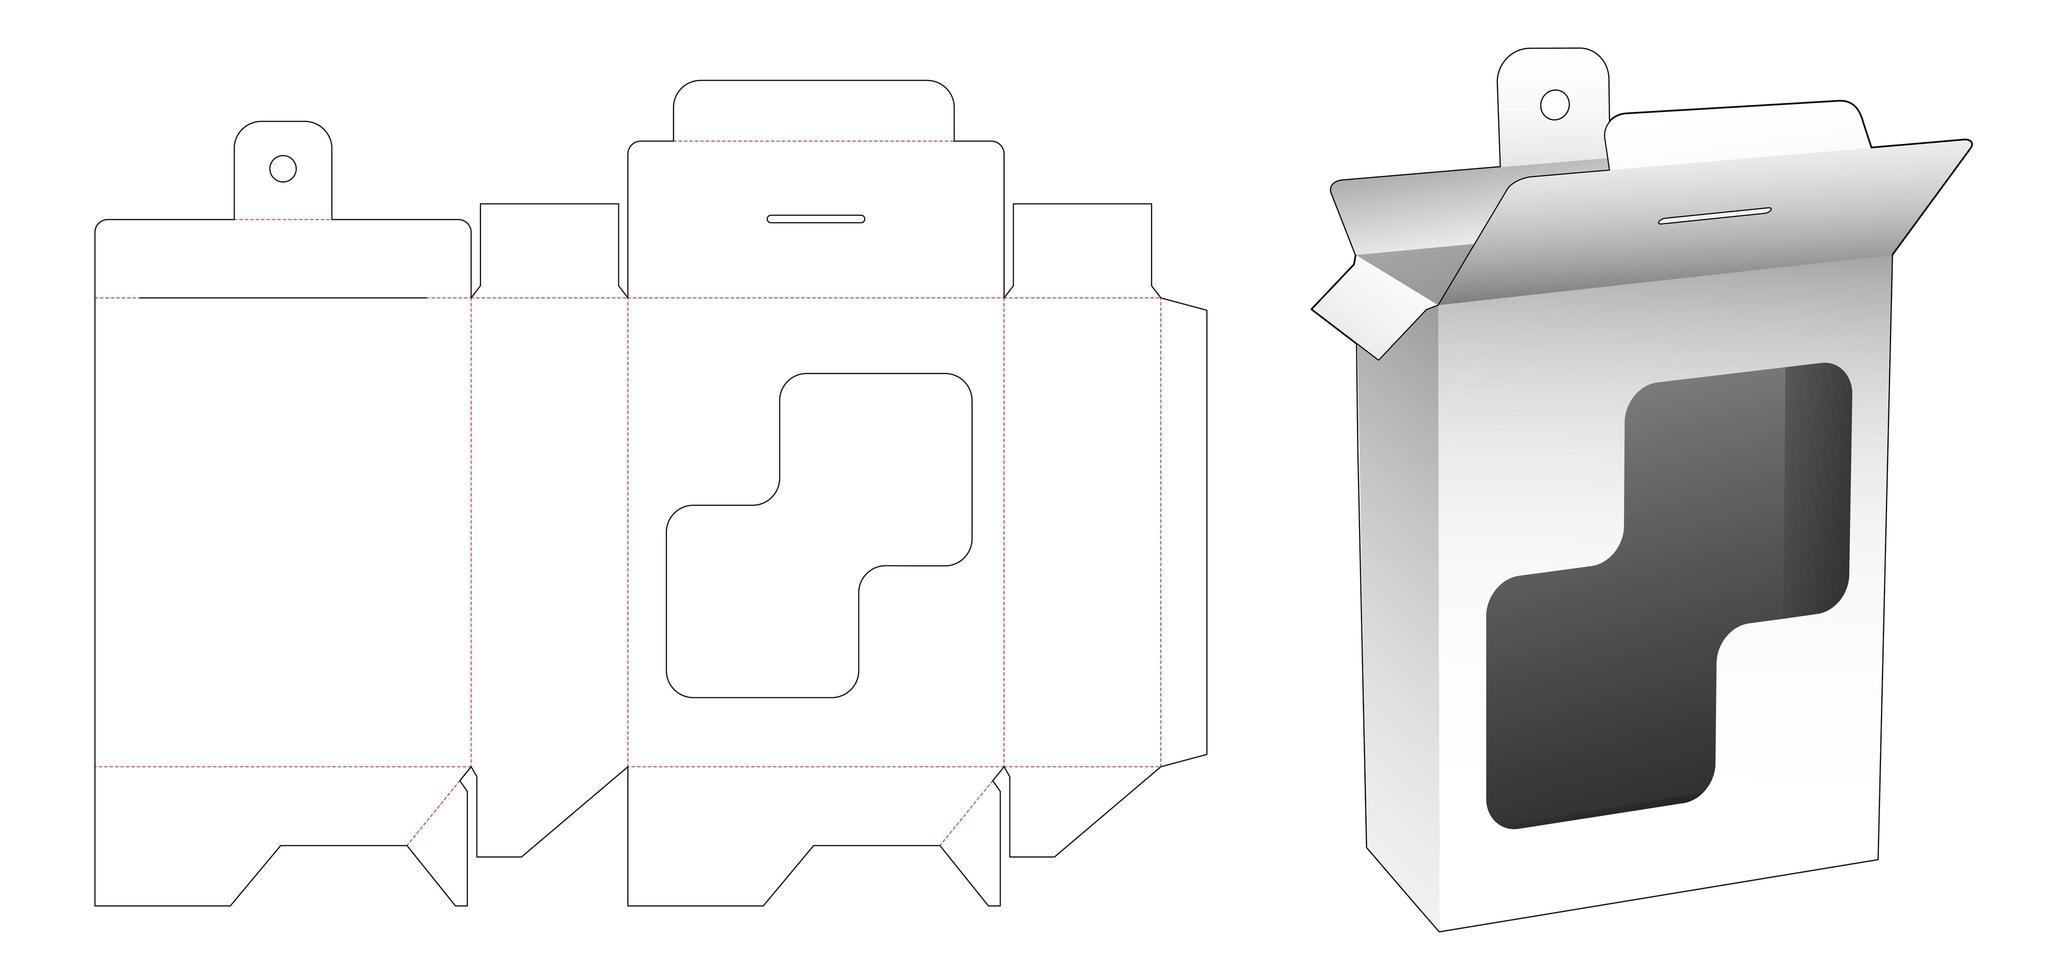 caixa retangular suspensa com janela retangular vetor